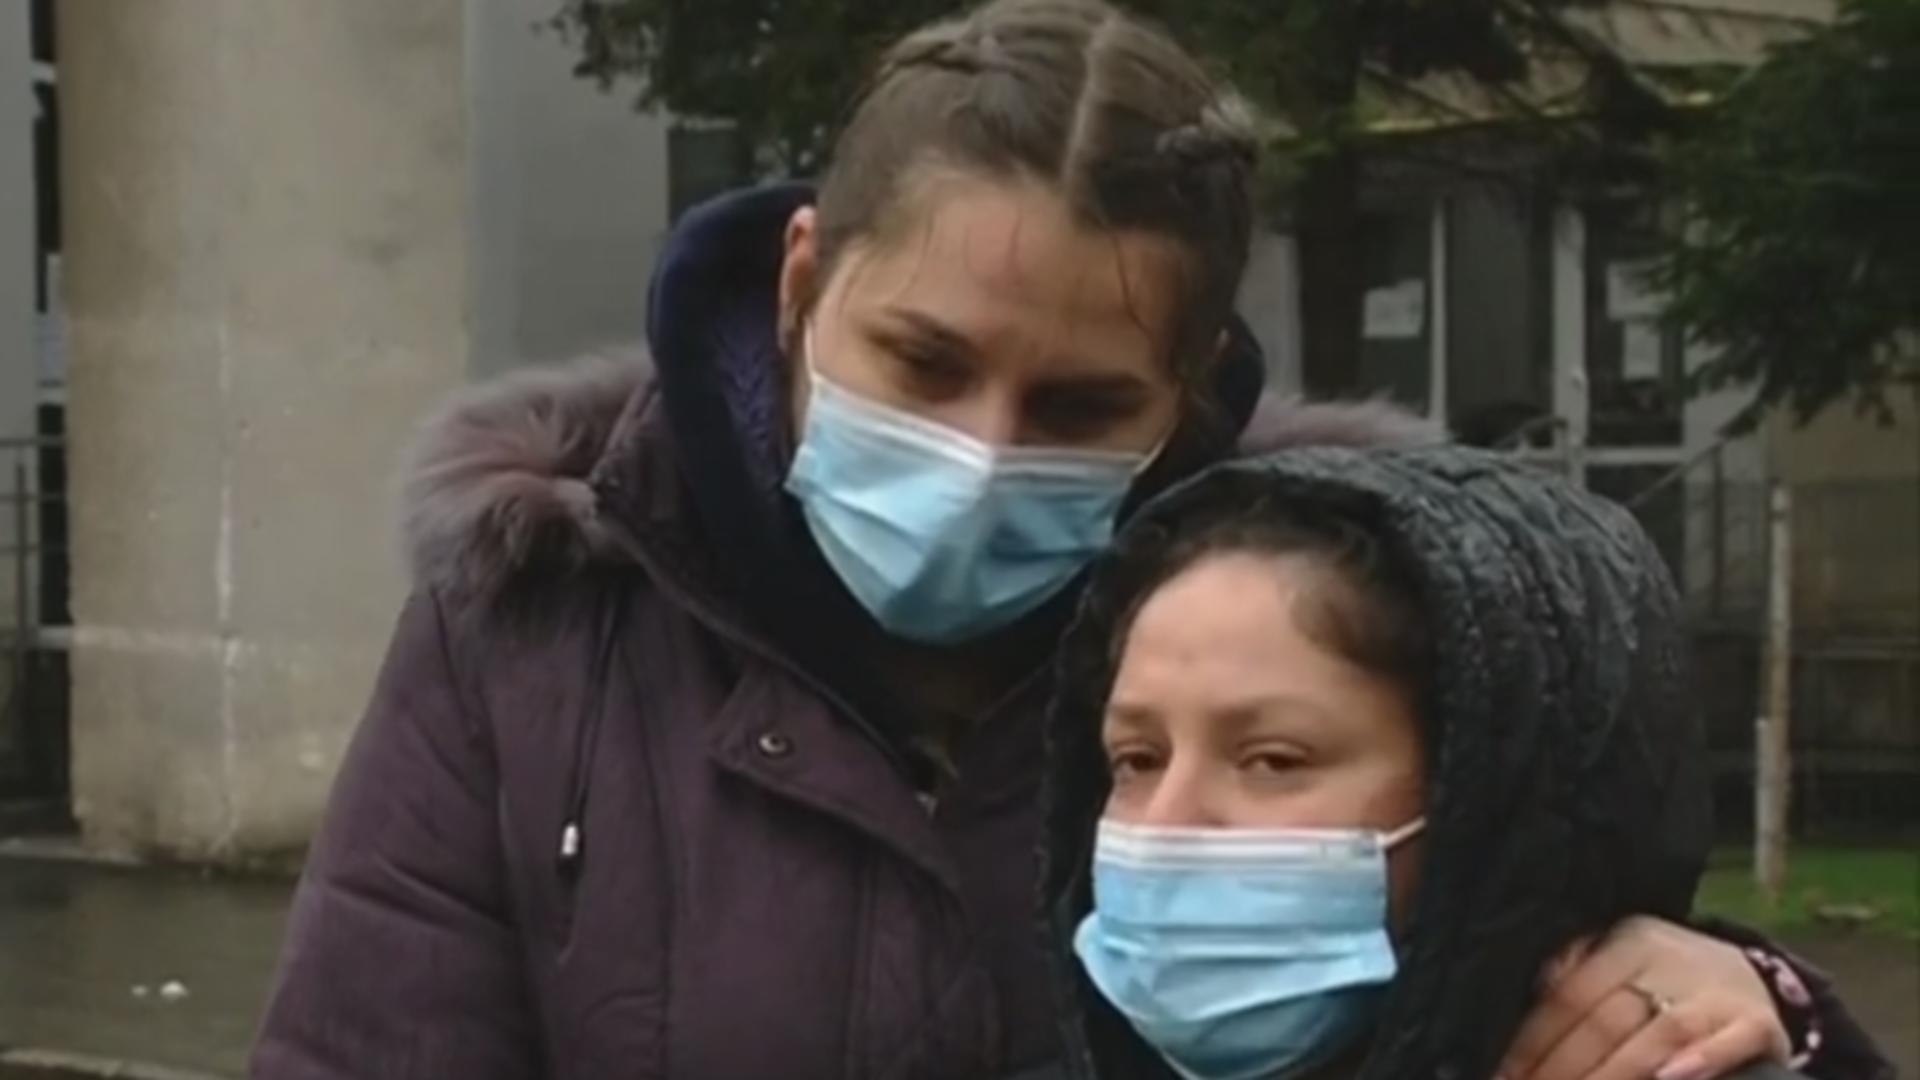 Familia uneia dintre victimele accidentului mortal din cartierul Andronache